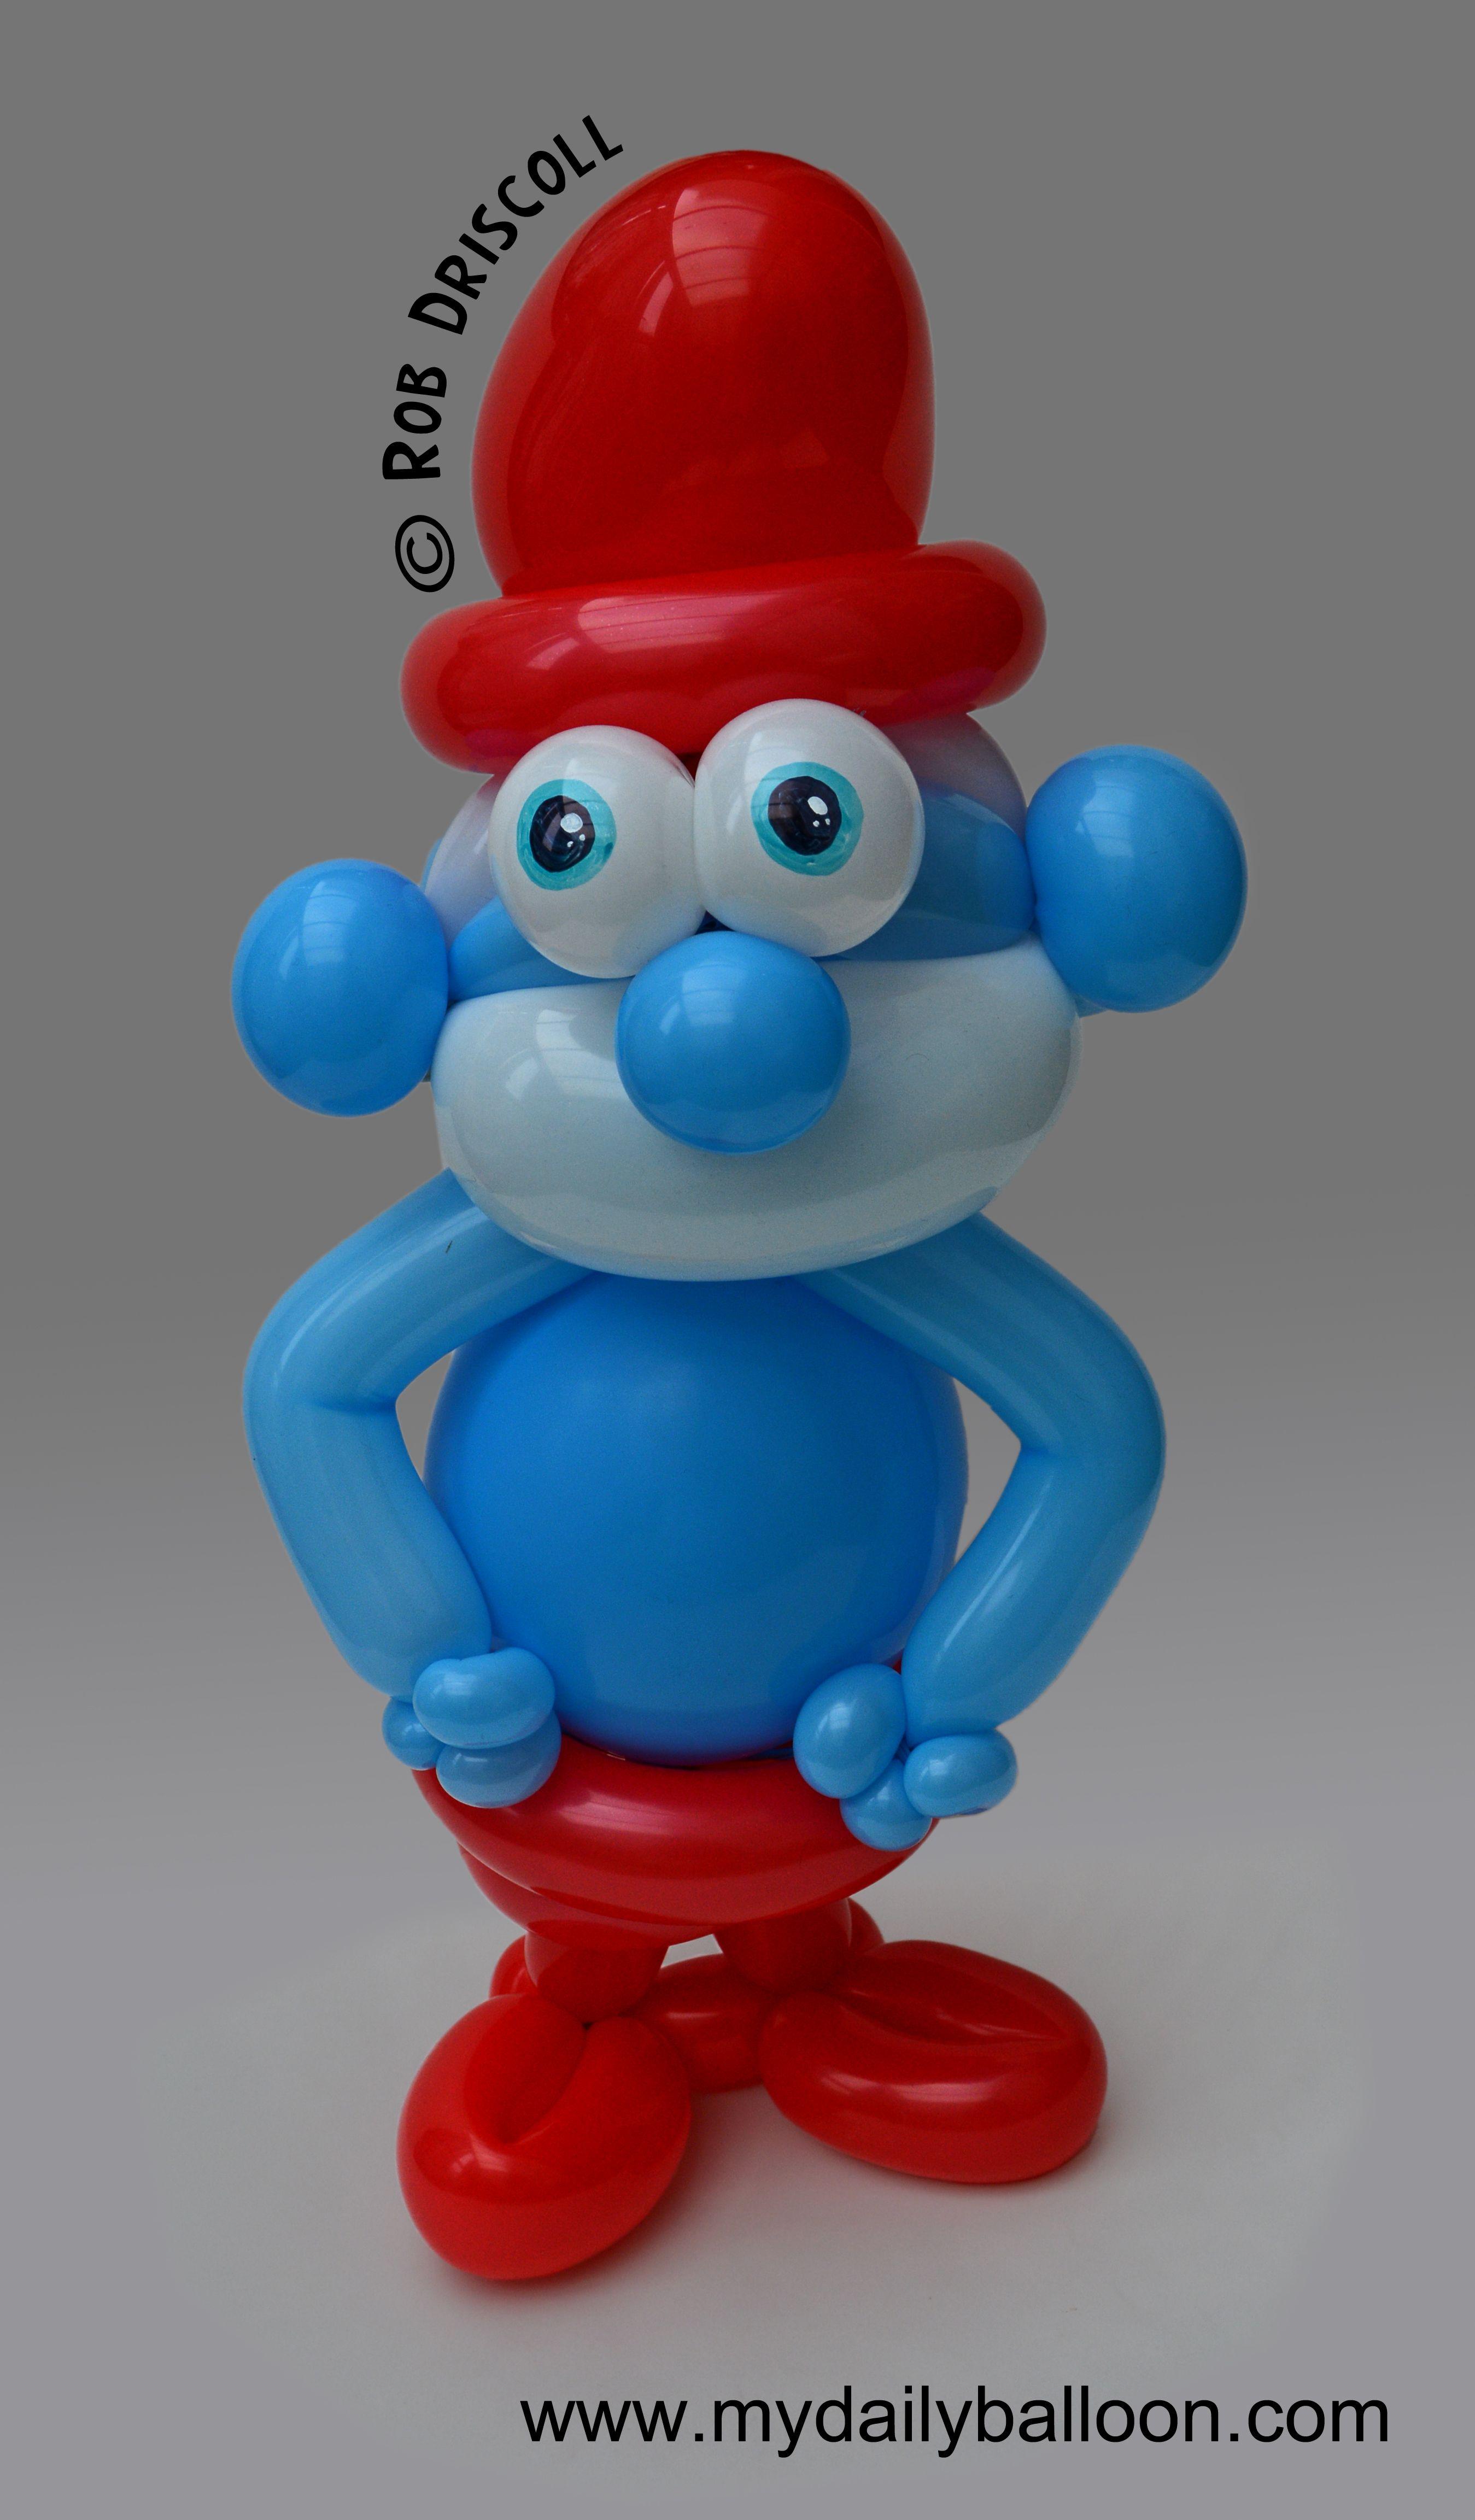 325-Papa-Smurf.jpg (2698×4610)